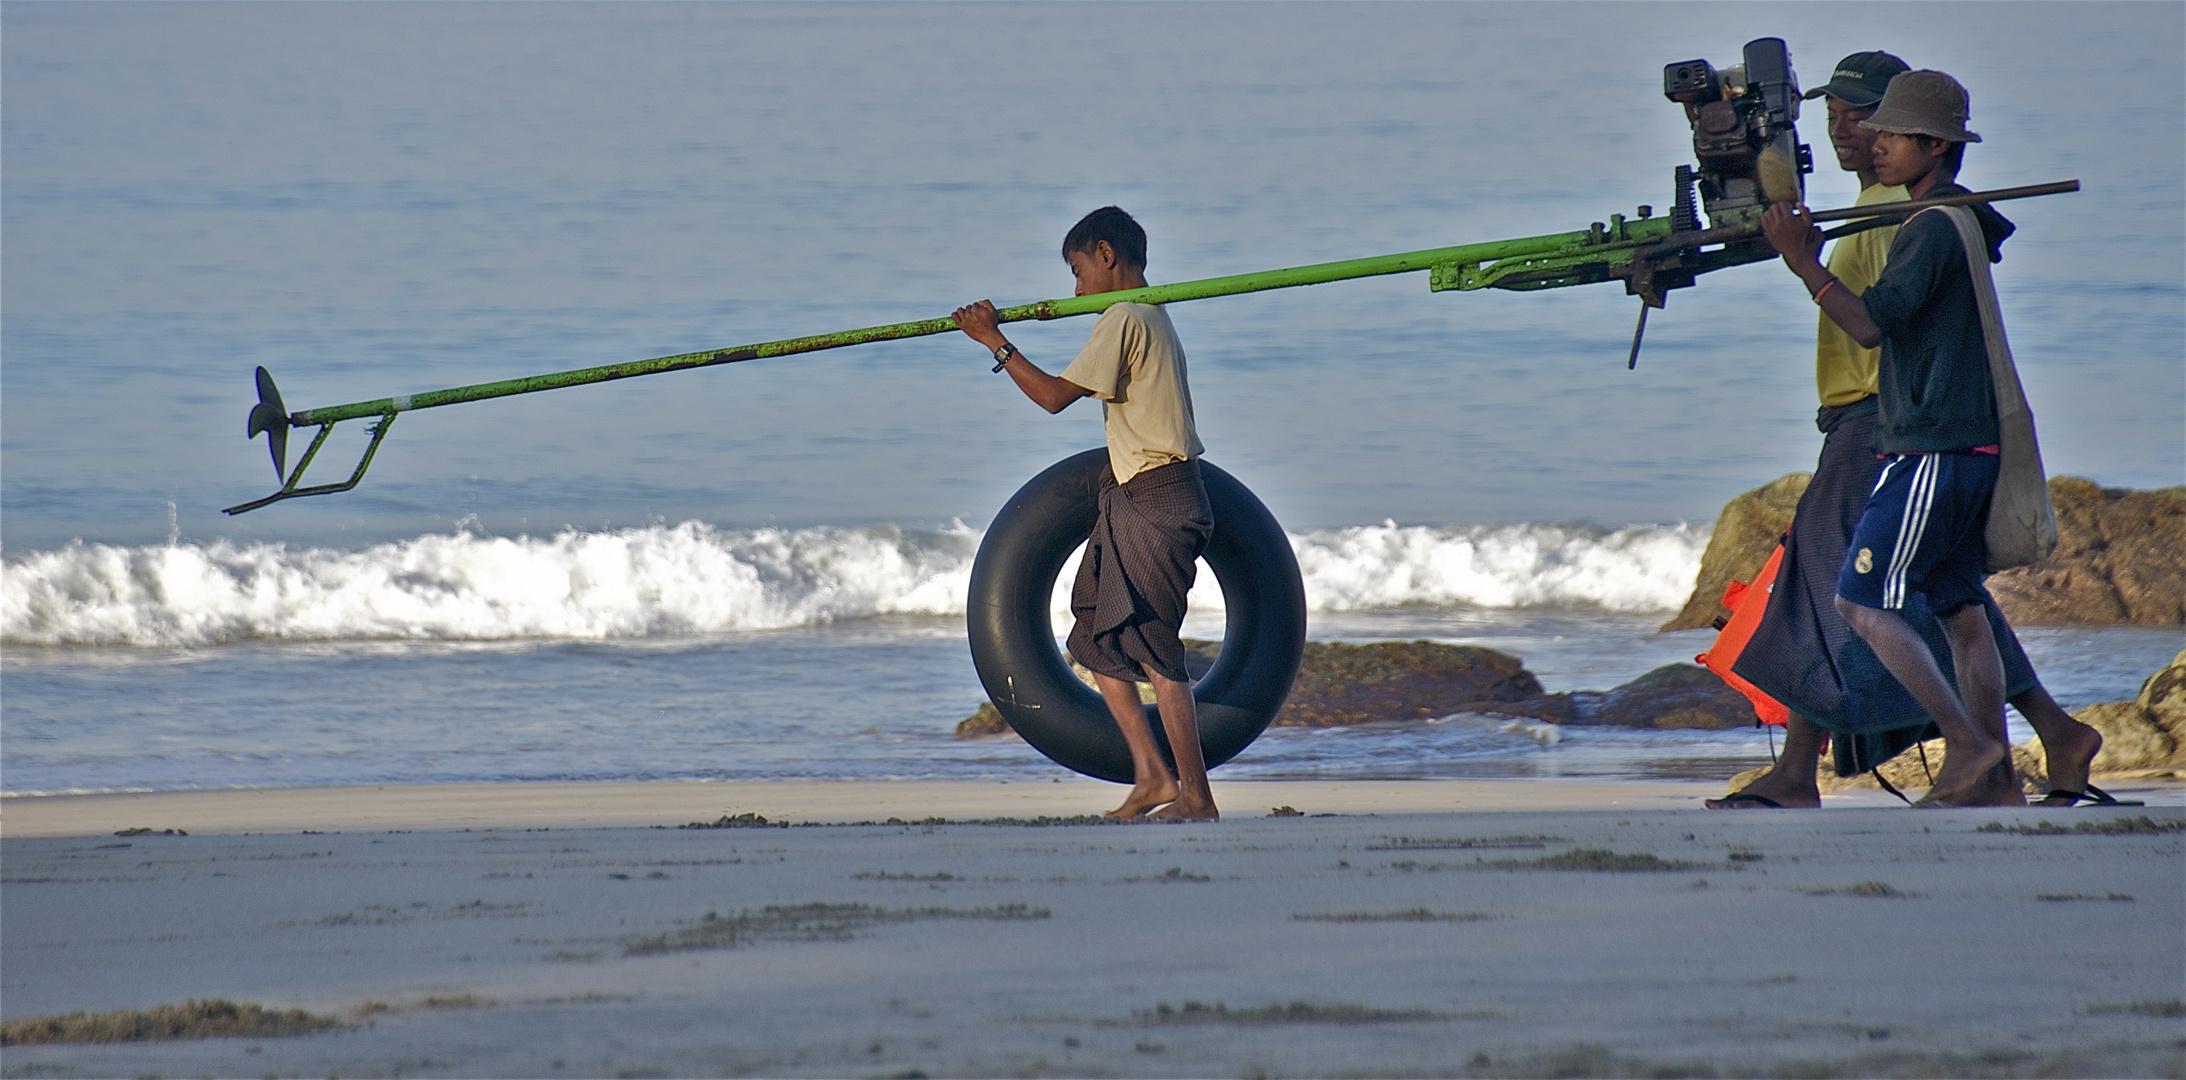 die burmesische kindheit geht beim mann bis ins hohe alter, sagt man...